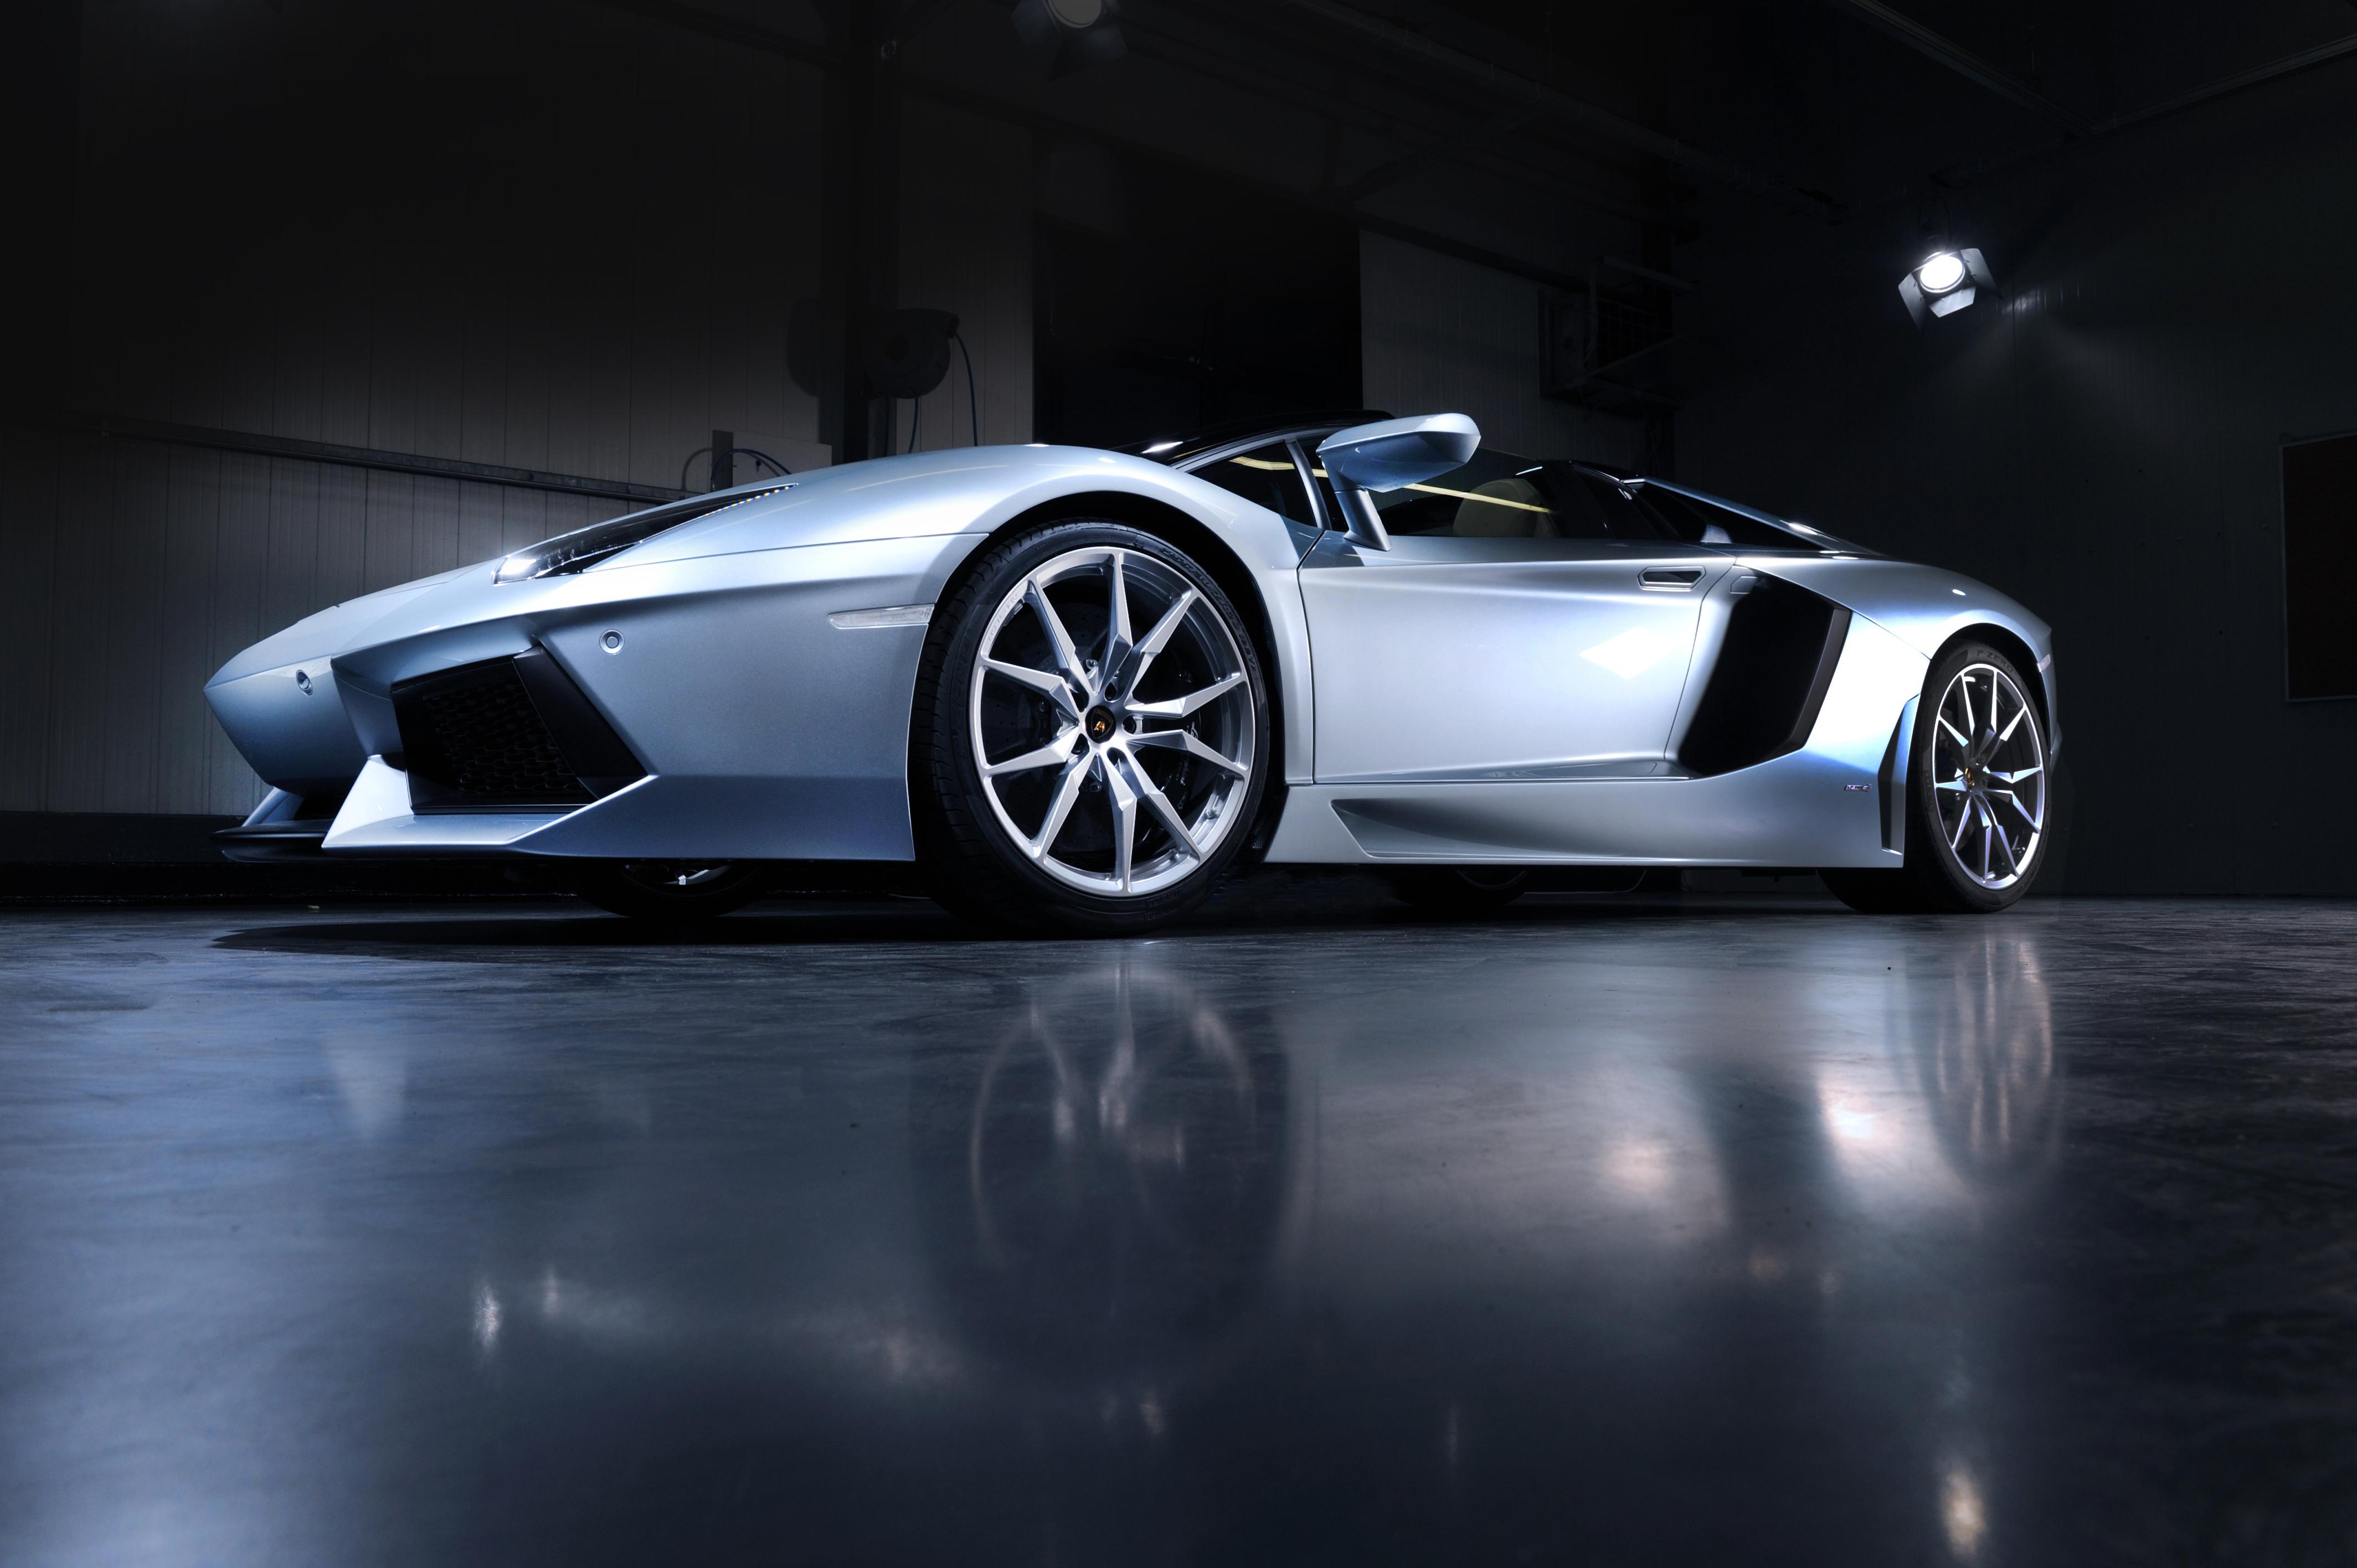 Lamborghini pictures 2012 aventador lp700 4 rabbioso - Lamborghini Aventador Lp700 4 Roadster 2012 11